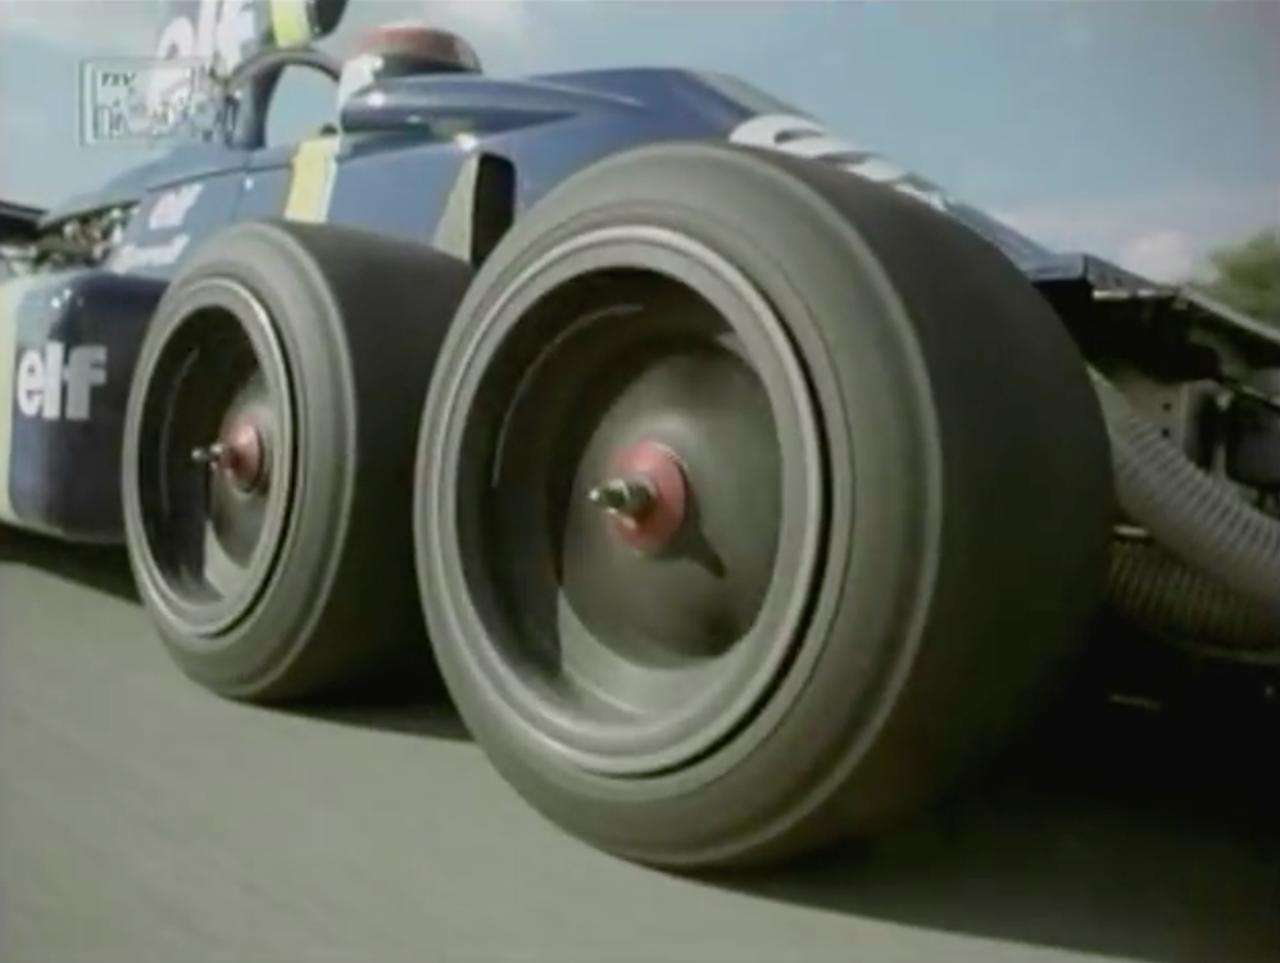 画像: エンジンは当時のプライベーターたちに愛されたコスワースV8。空気抵抗を減らしつつも、前側のグリップを確保するための手段が、この特徴的な小径4輪フロントタイヤでした。このシーンでは、タイヤをよく映すためにフロントウィングが外されていますね。 www.youtube.com